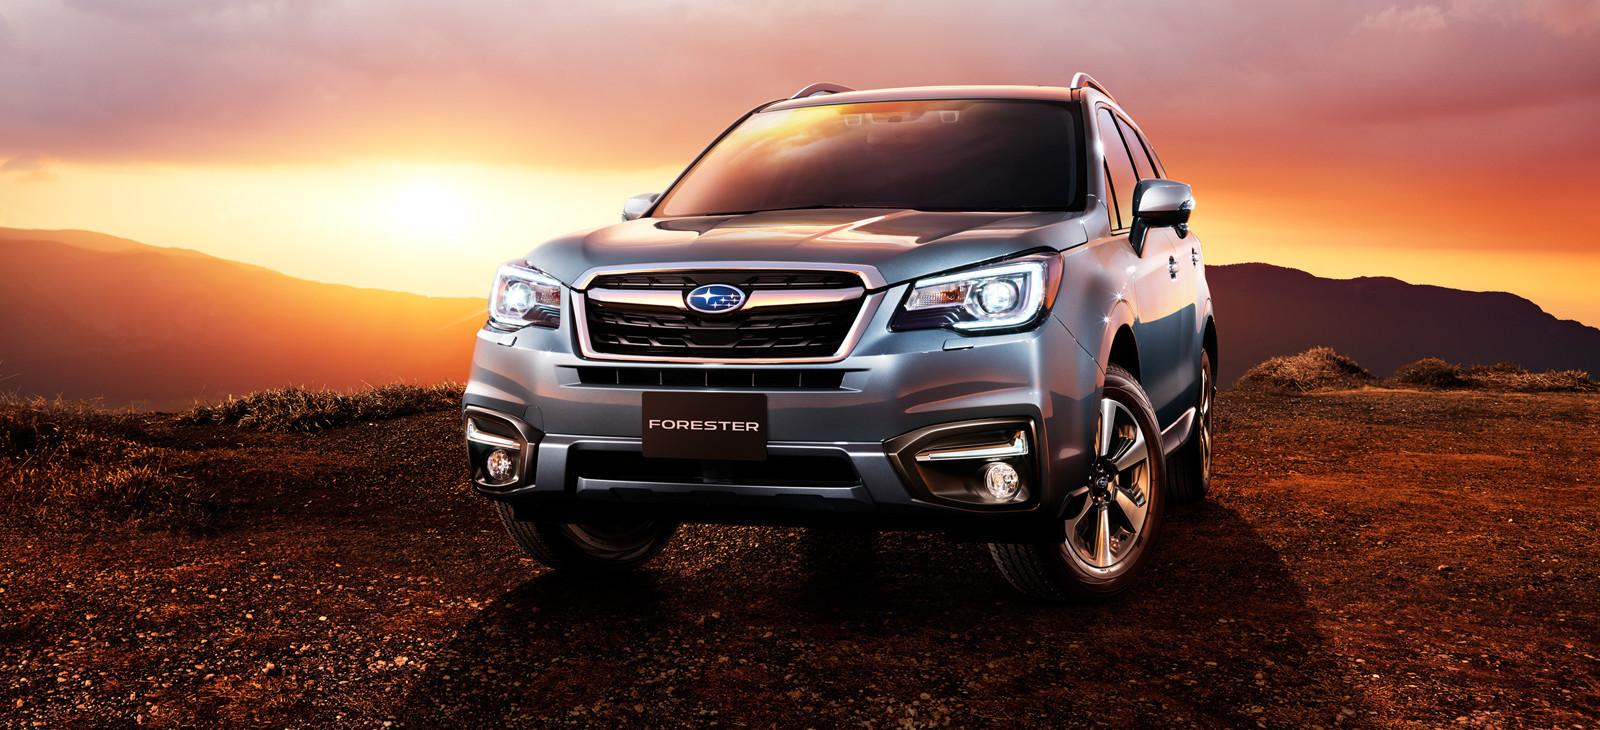 Seguridad y tracción, son la garantía de su conducción apta para los más aventureros.